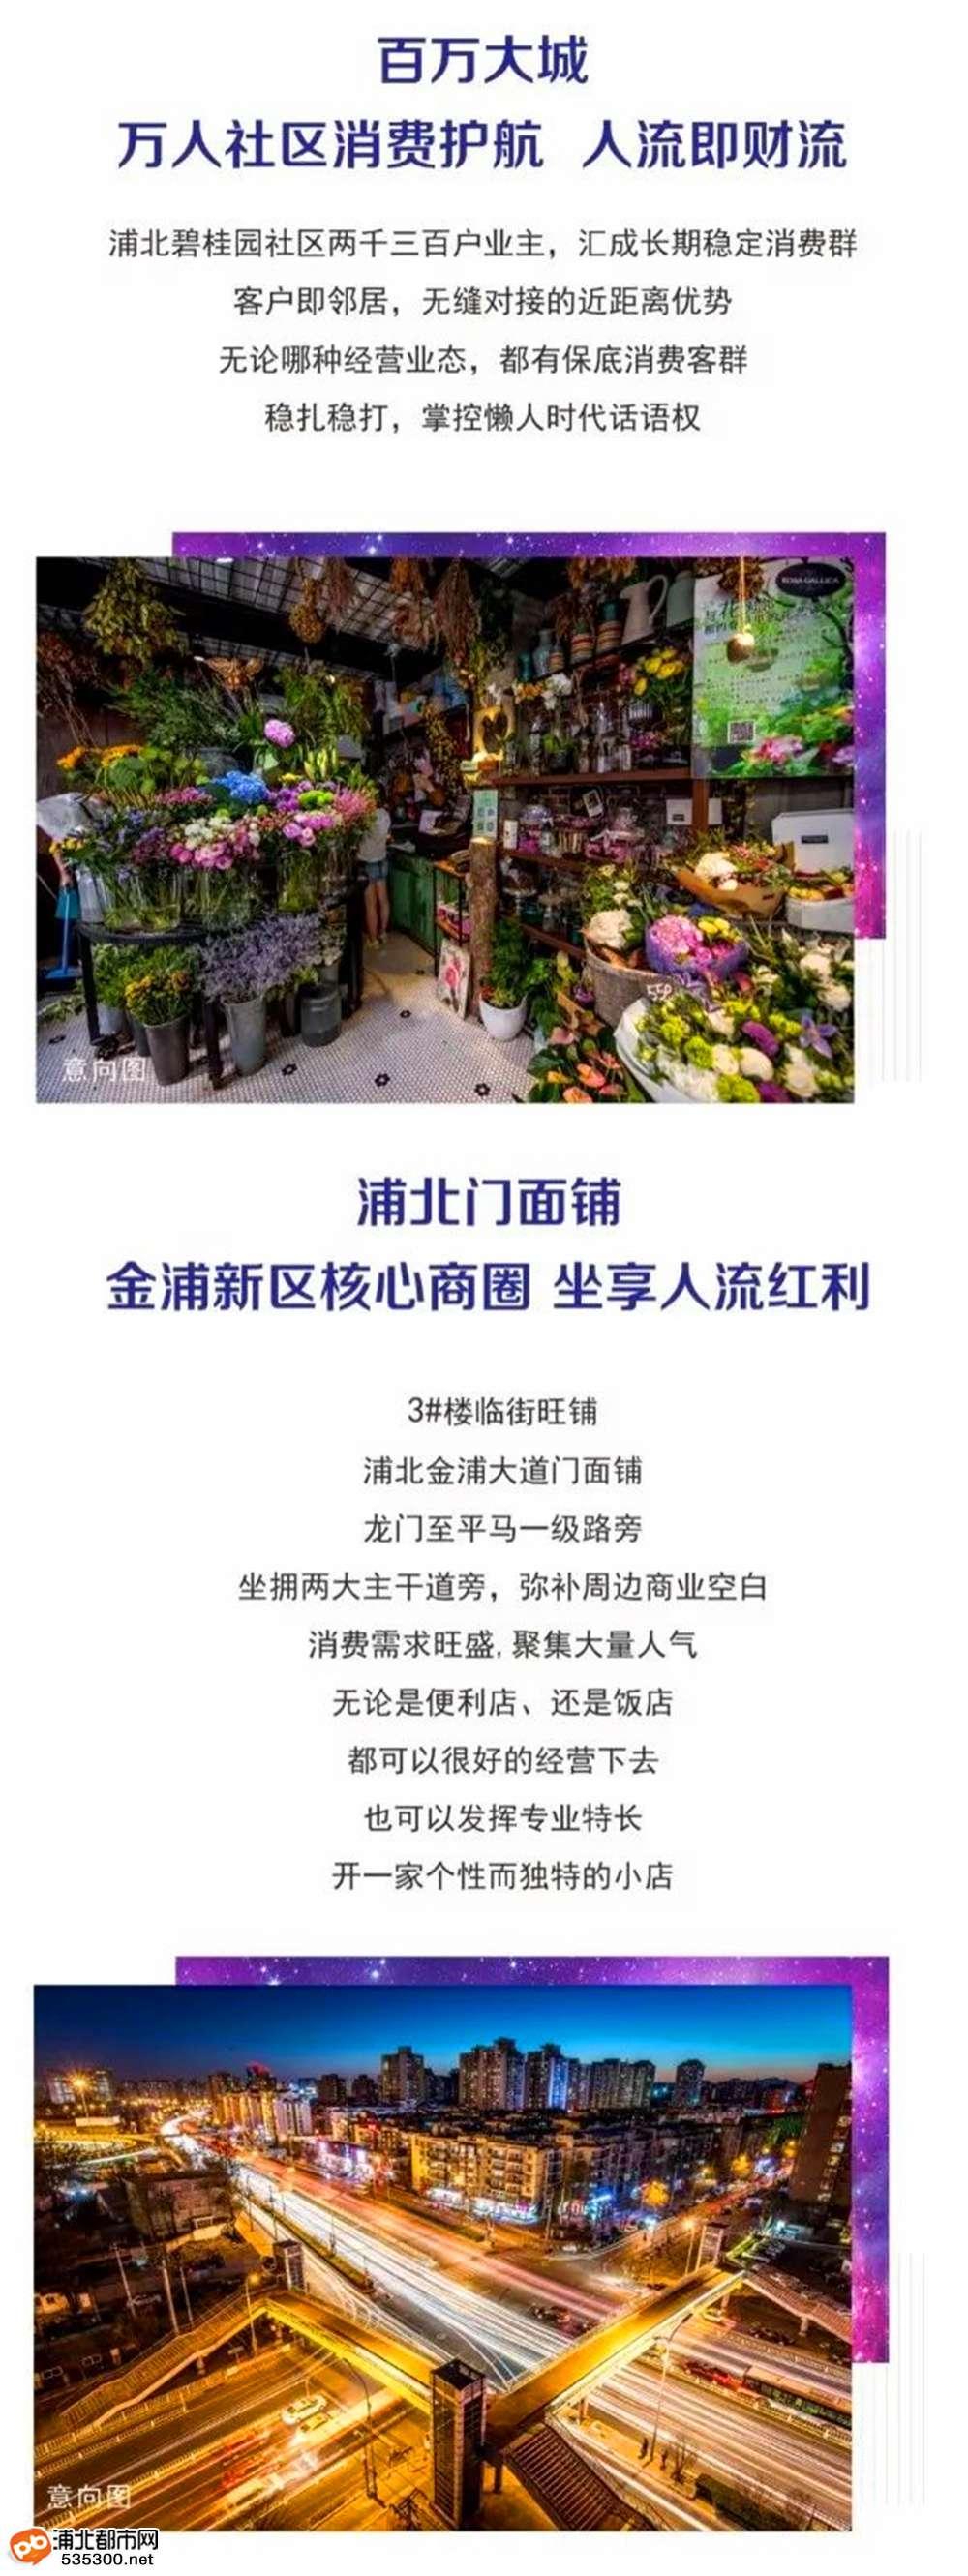 浦北碧桂园|新年购铺节——8折,惠全城!